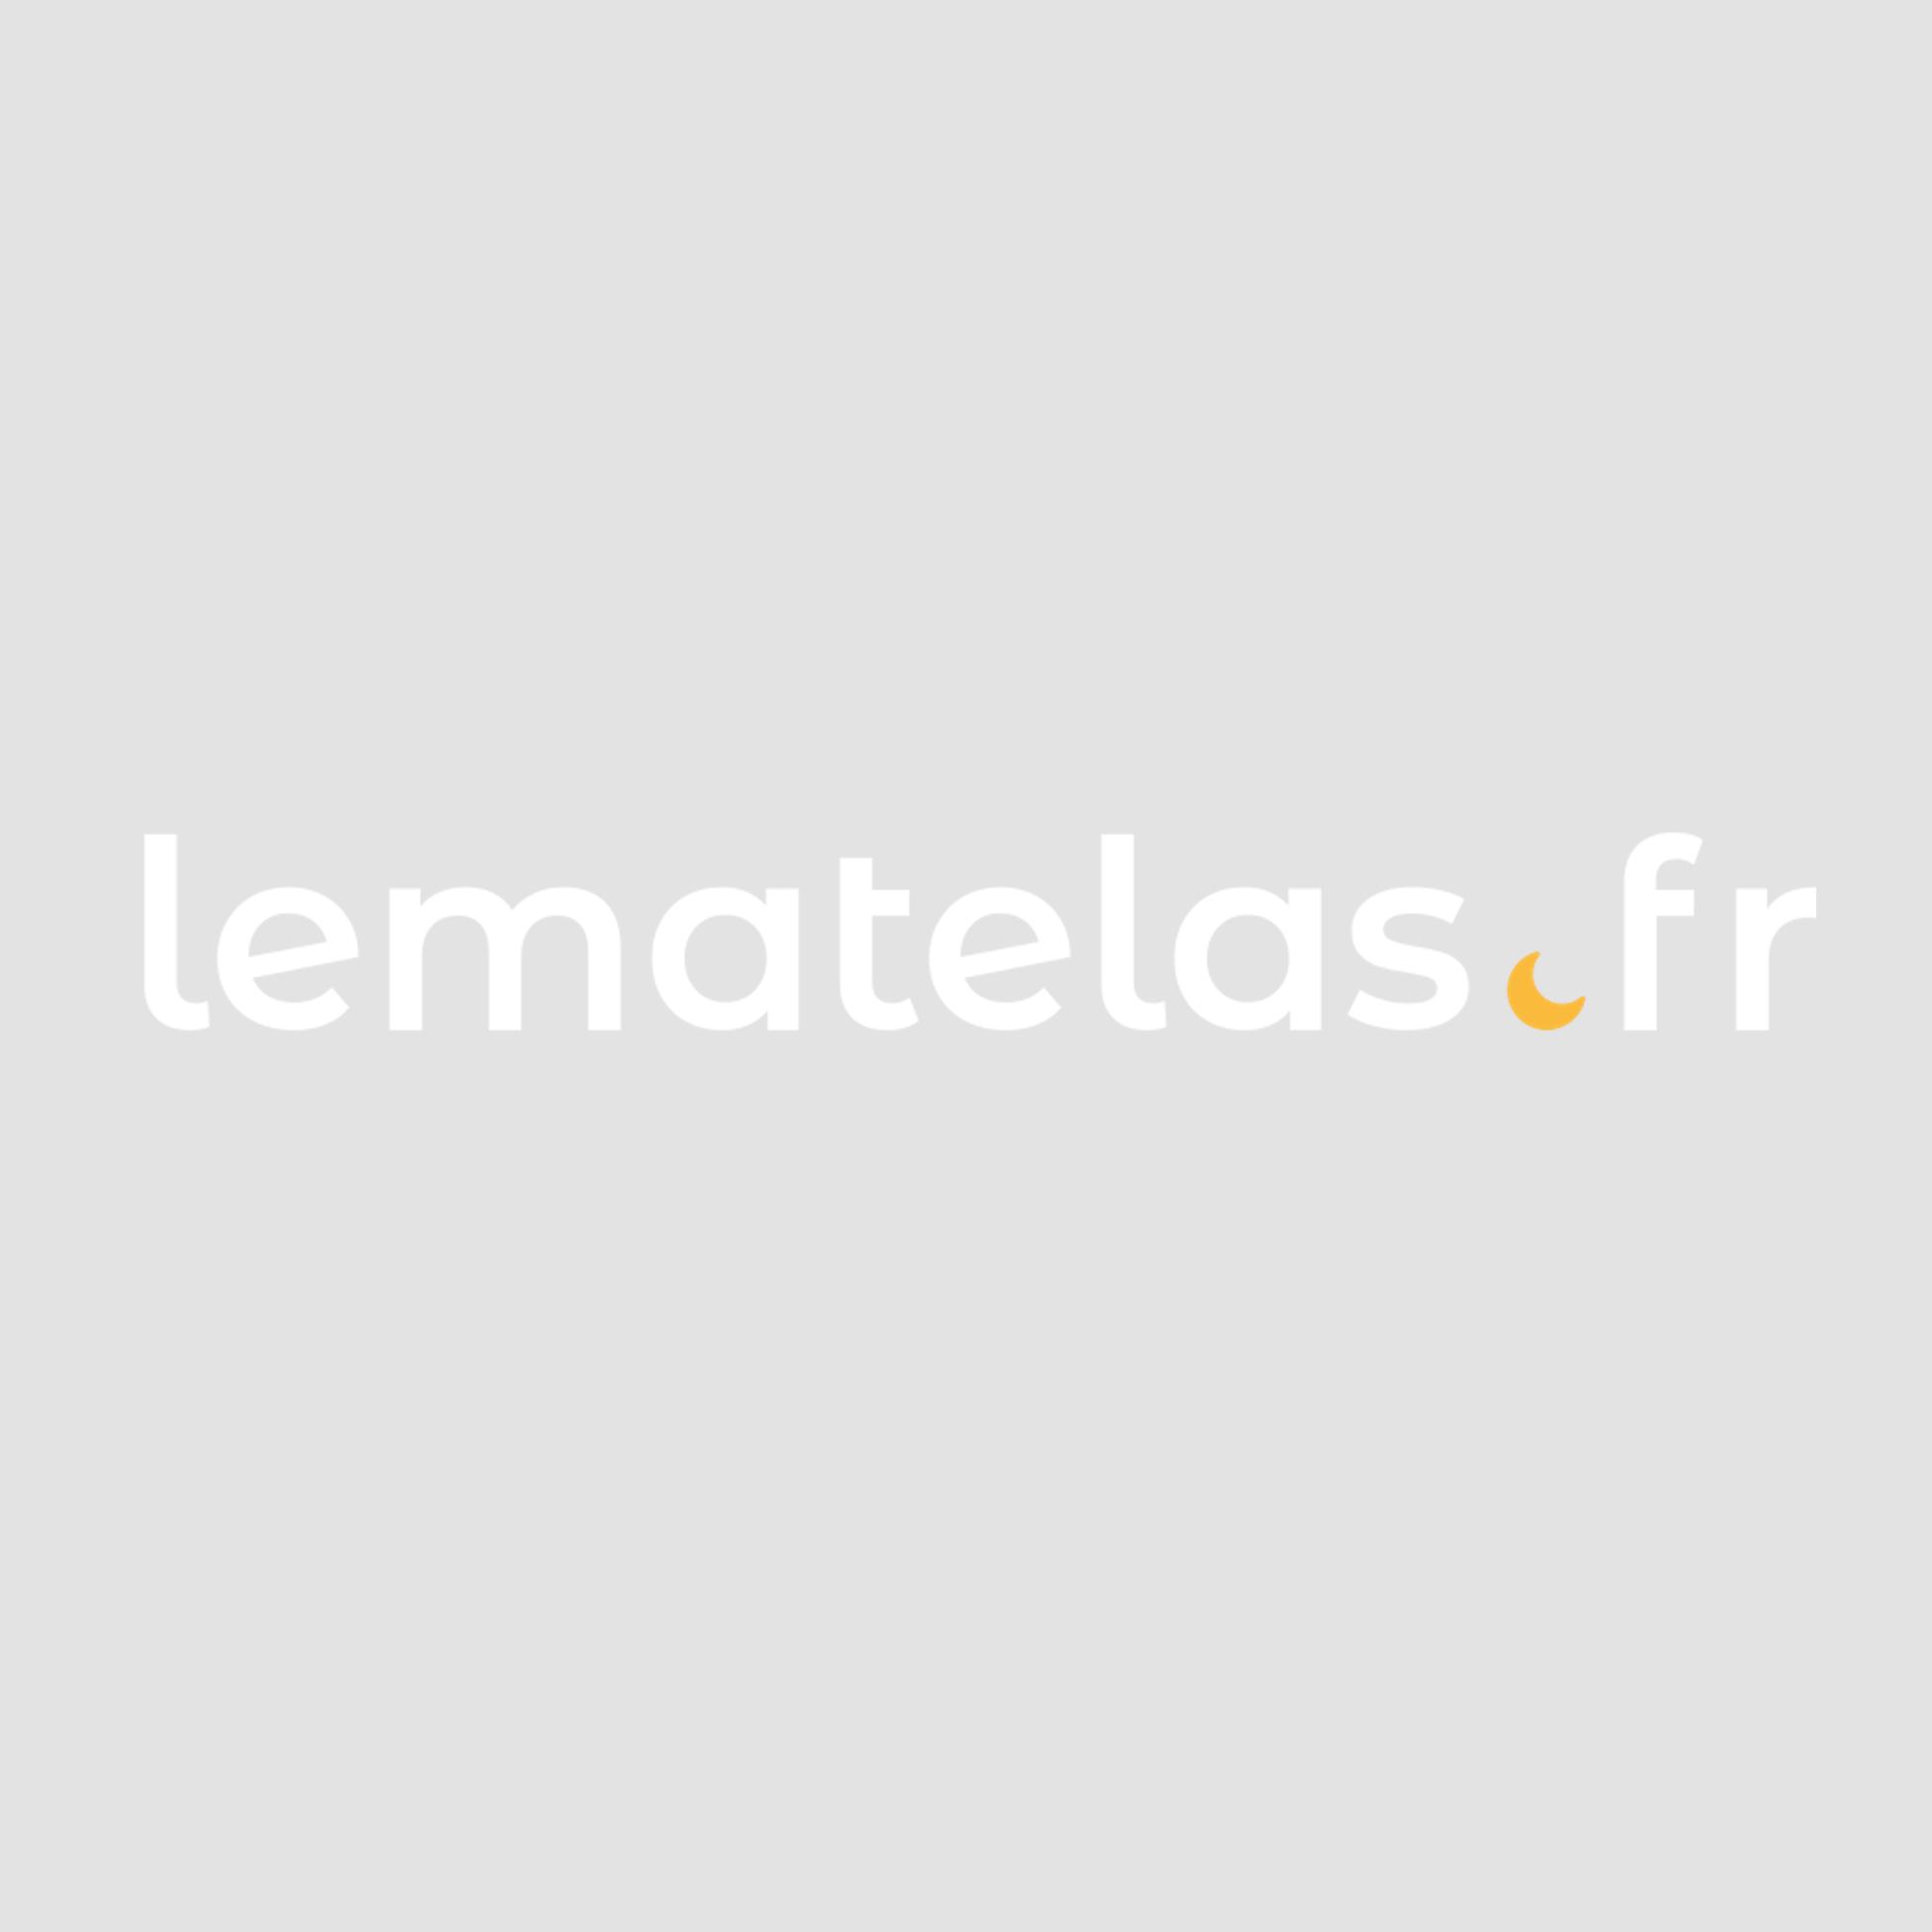 Lit en métal blanc 140x190 - LT4004 - Hôtellerie